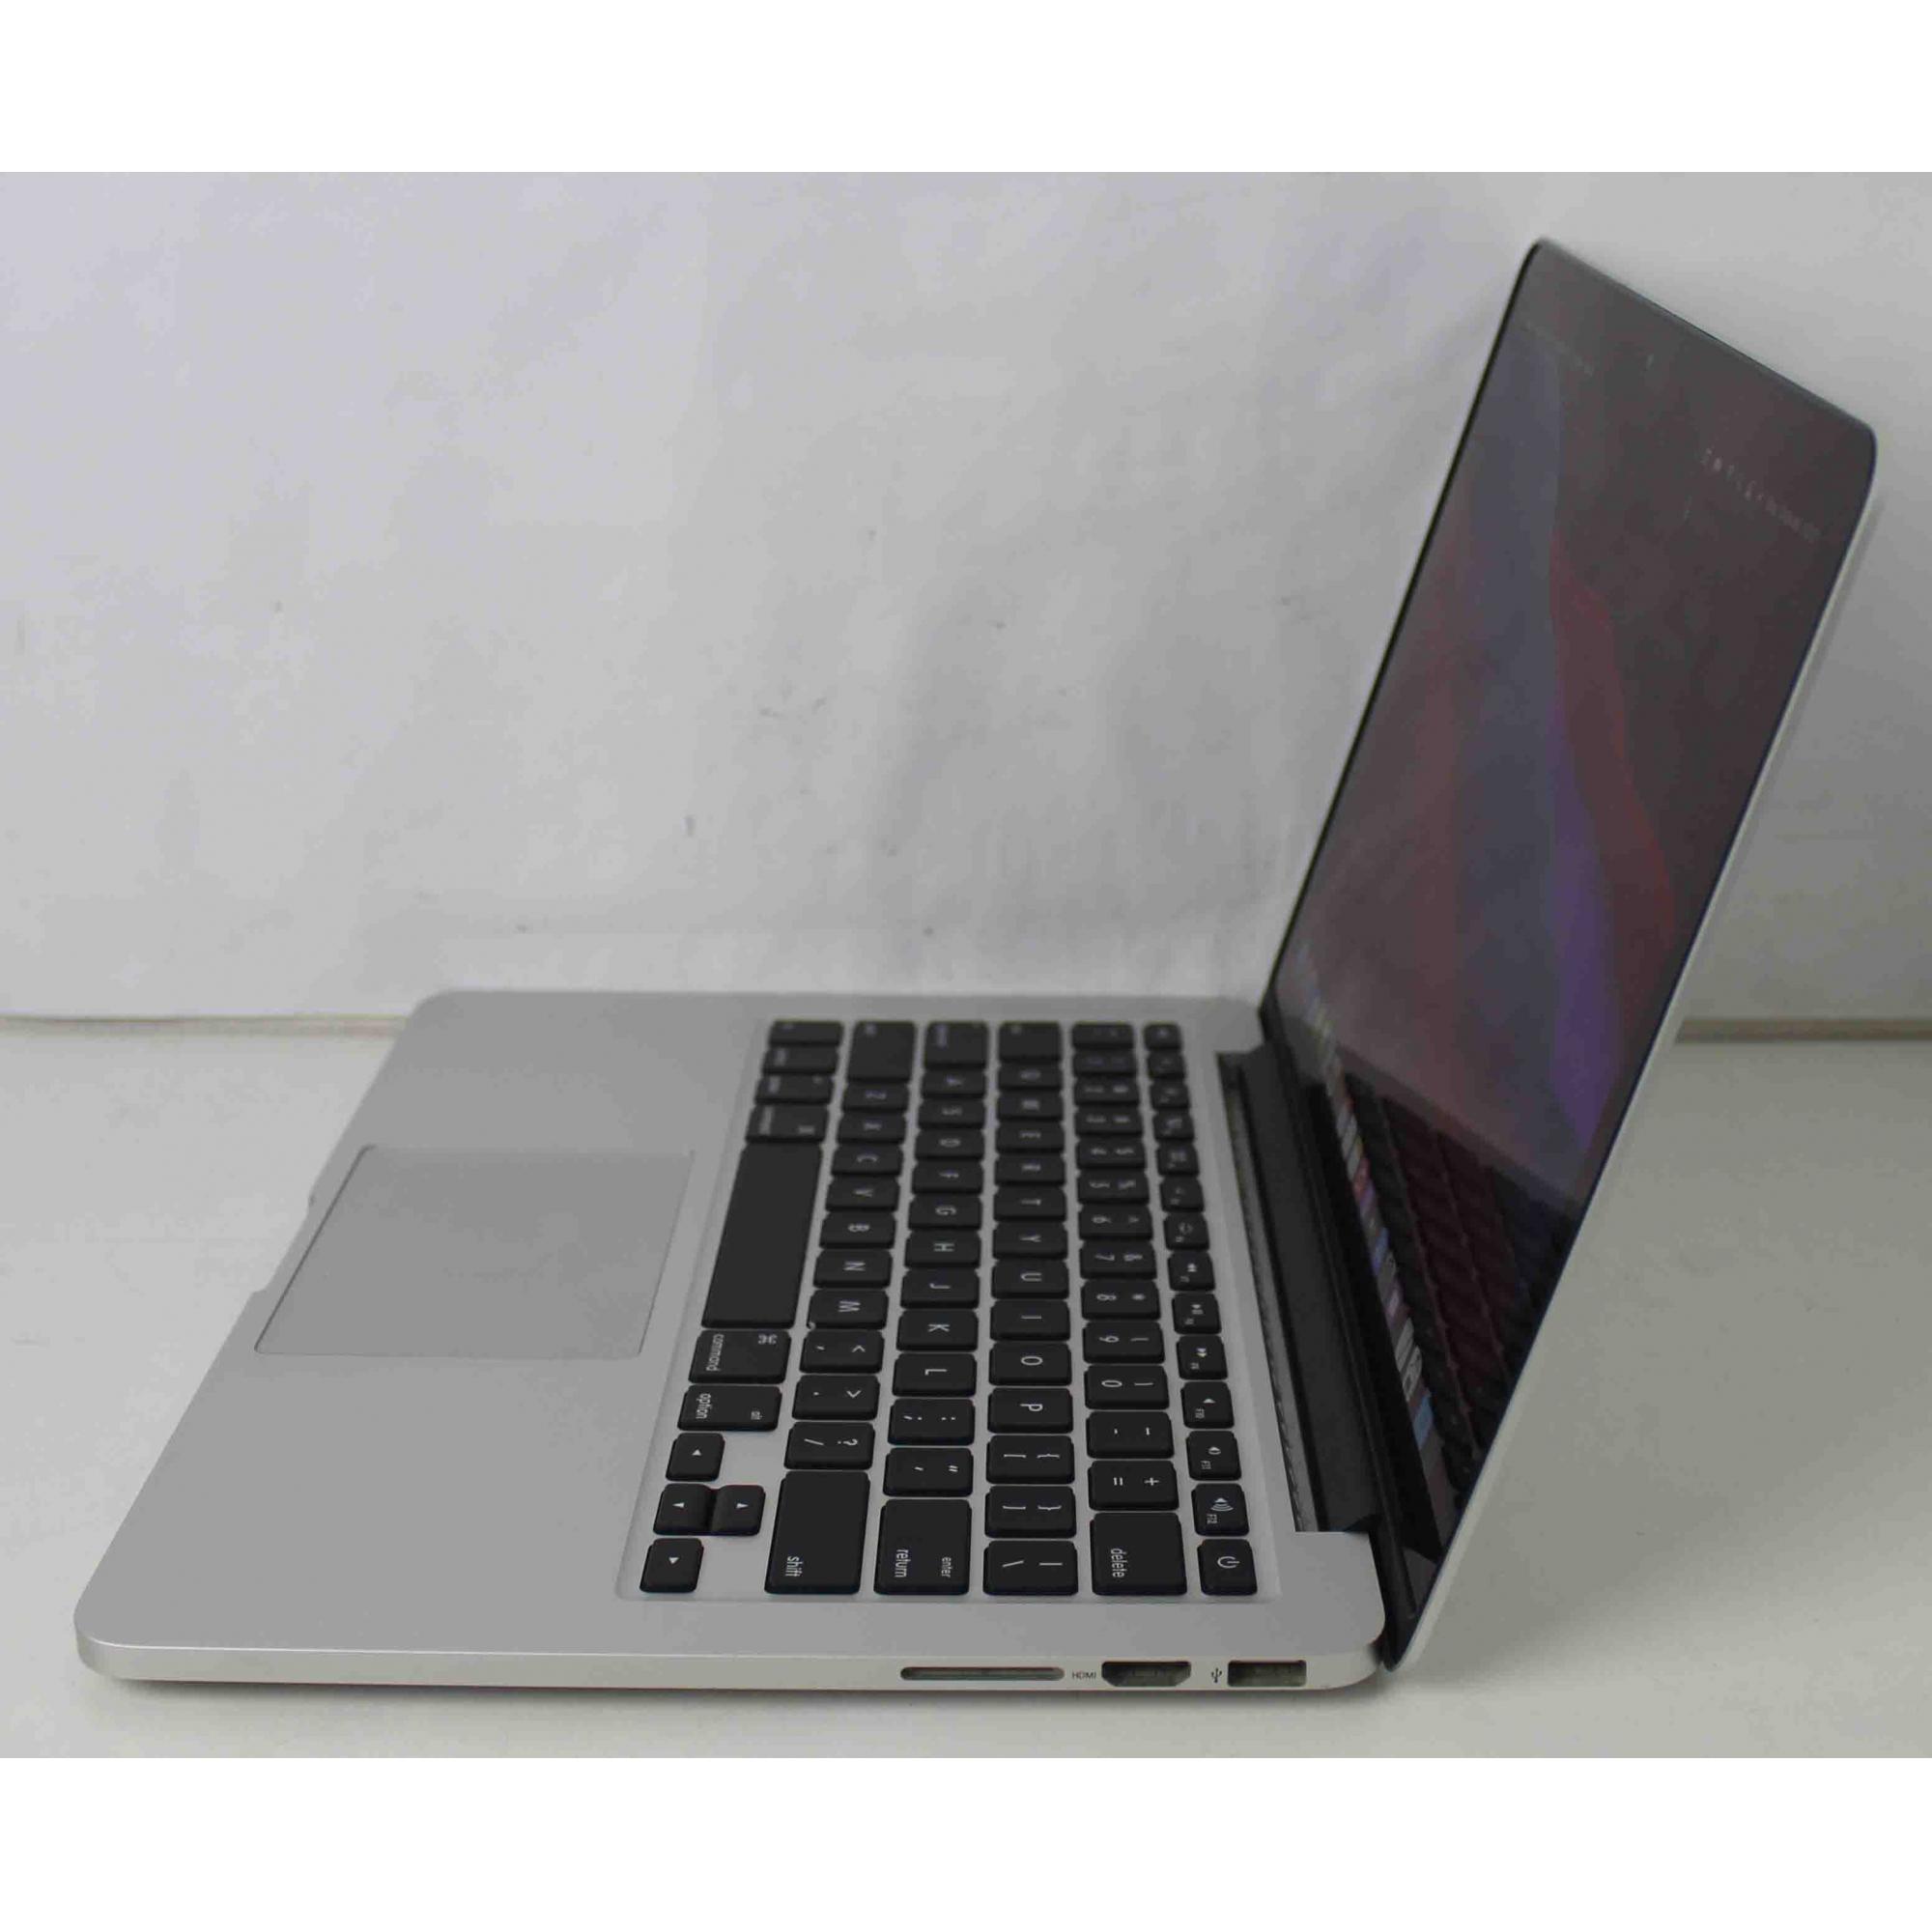 """Macbook Pro ME864LL/A 13.3"""" INTEL CORE I5 2.4GHz 8GB SSD-256GB"""